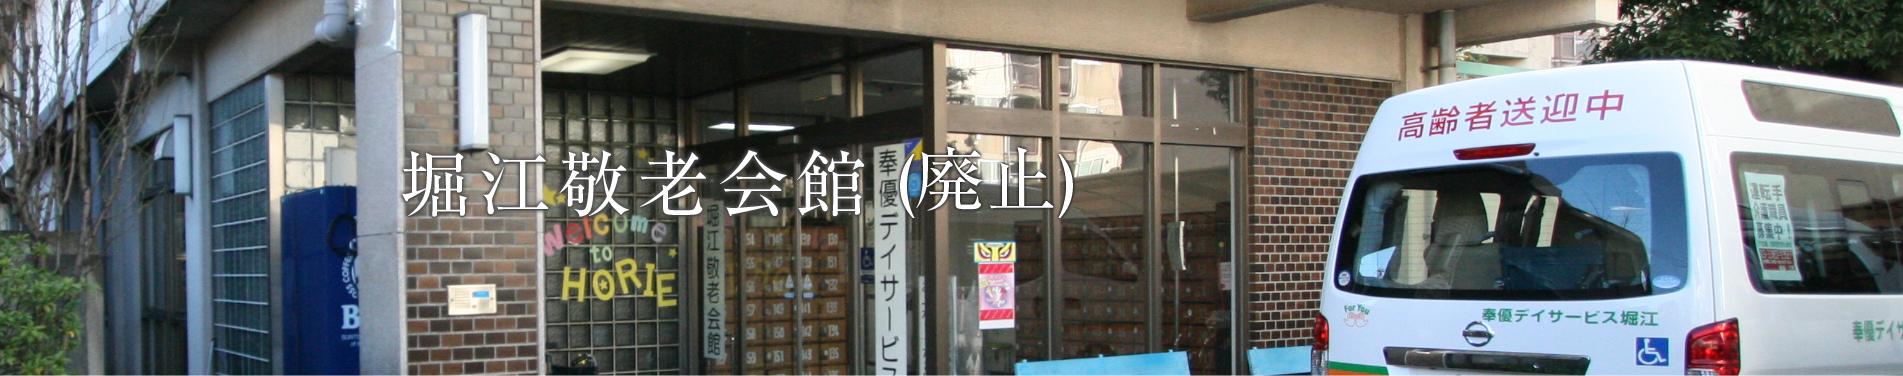 堀江敬老会館